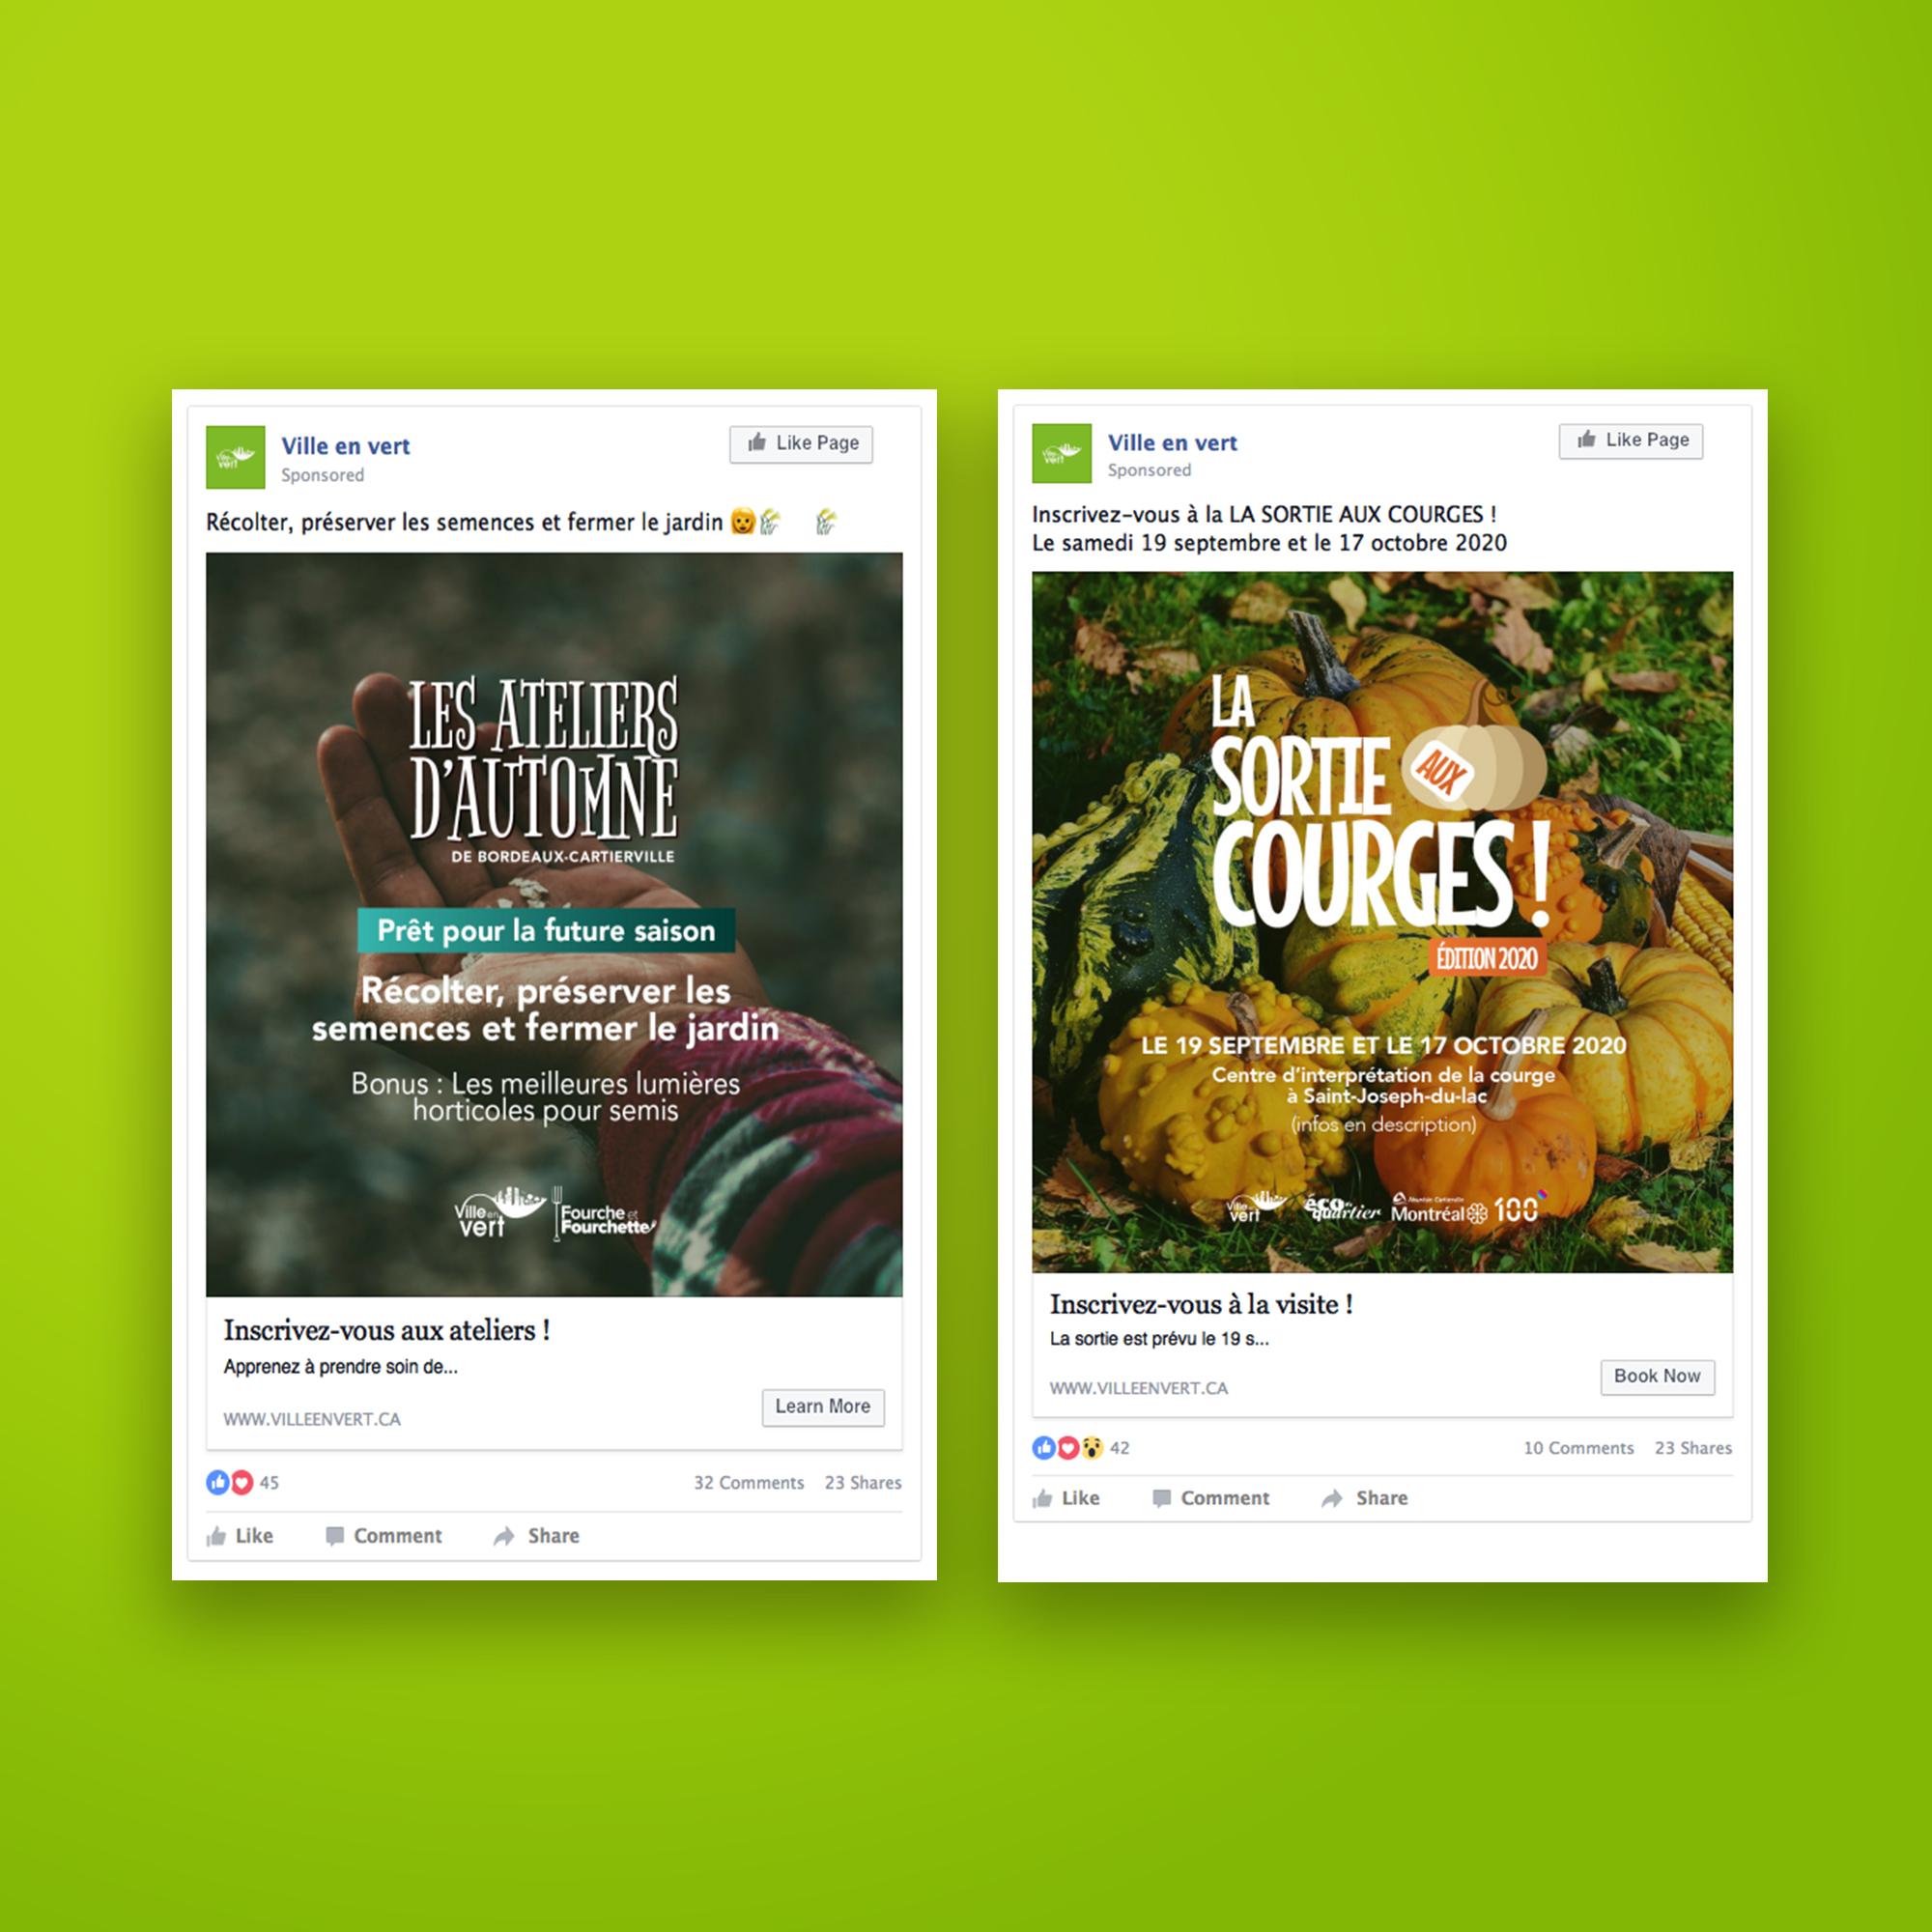 Sélection de publications · Facebook de Ville en vert